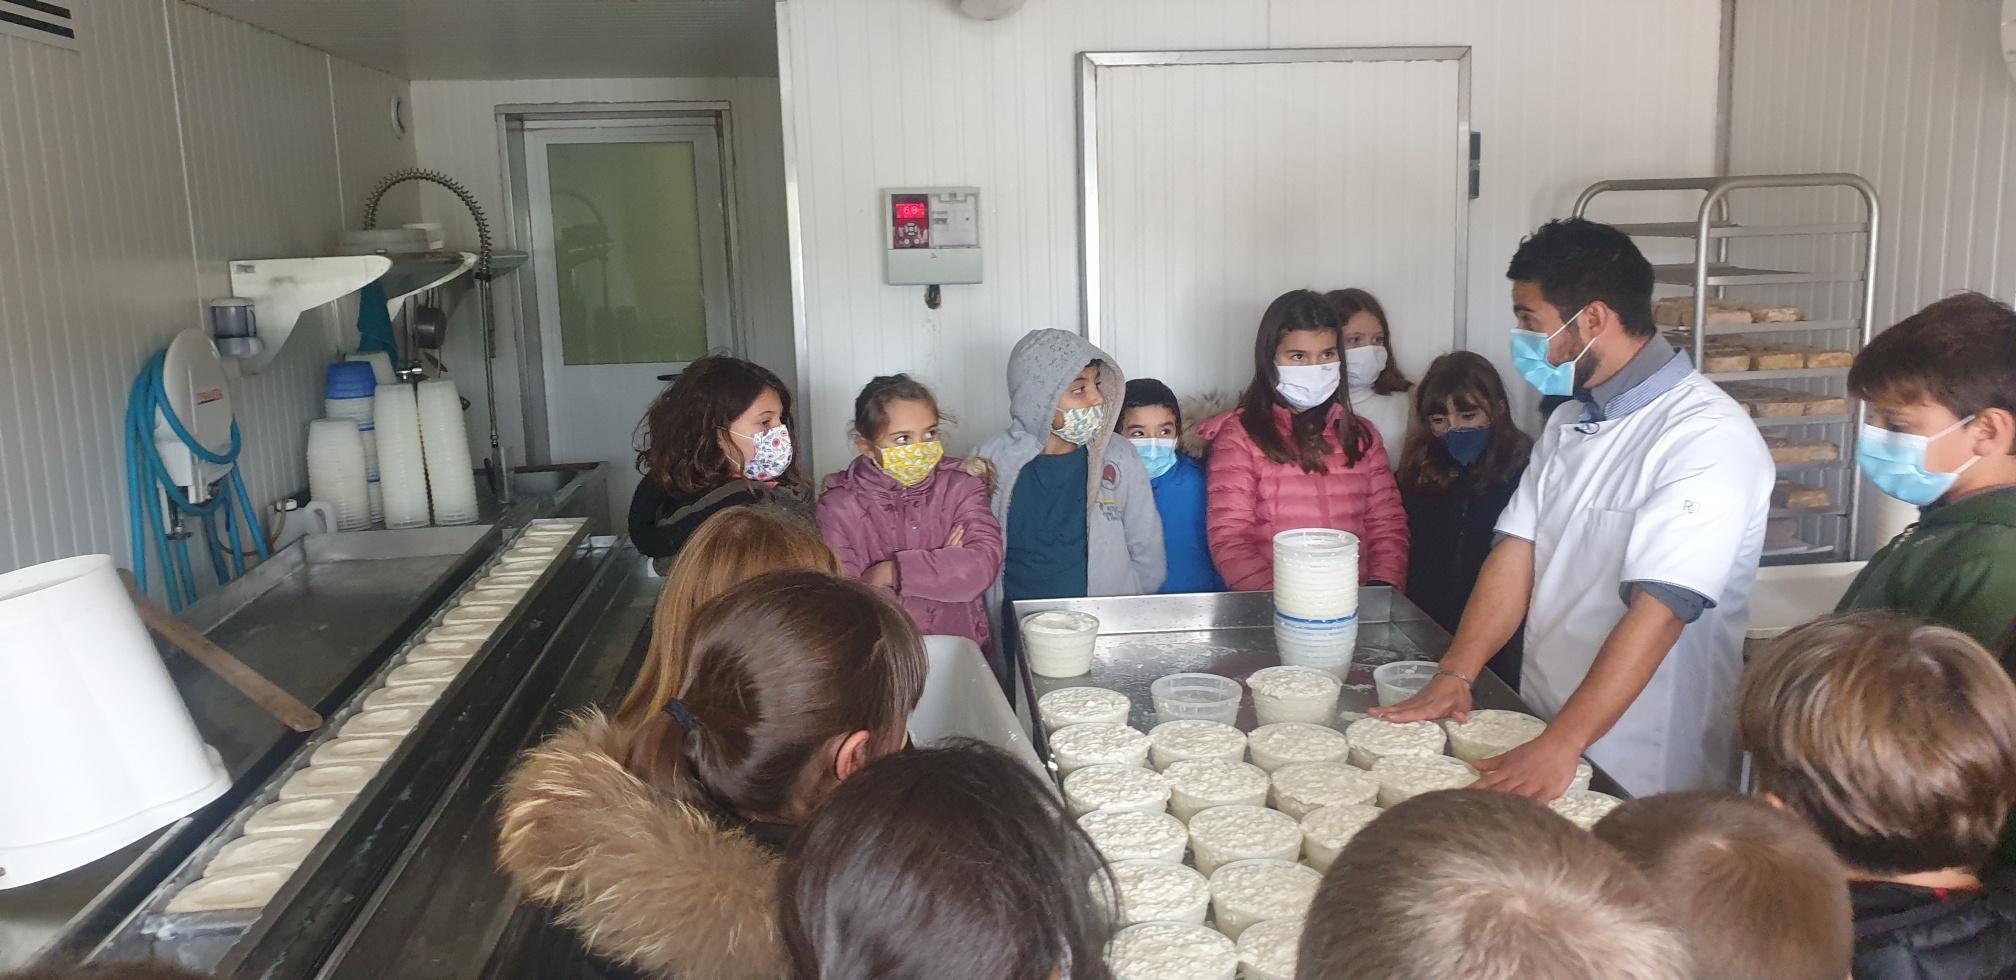 Les élèves d'Oletta découvrent les produits locaux.